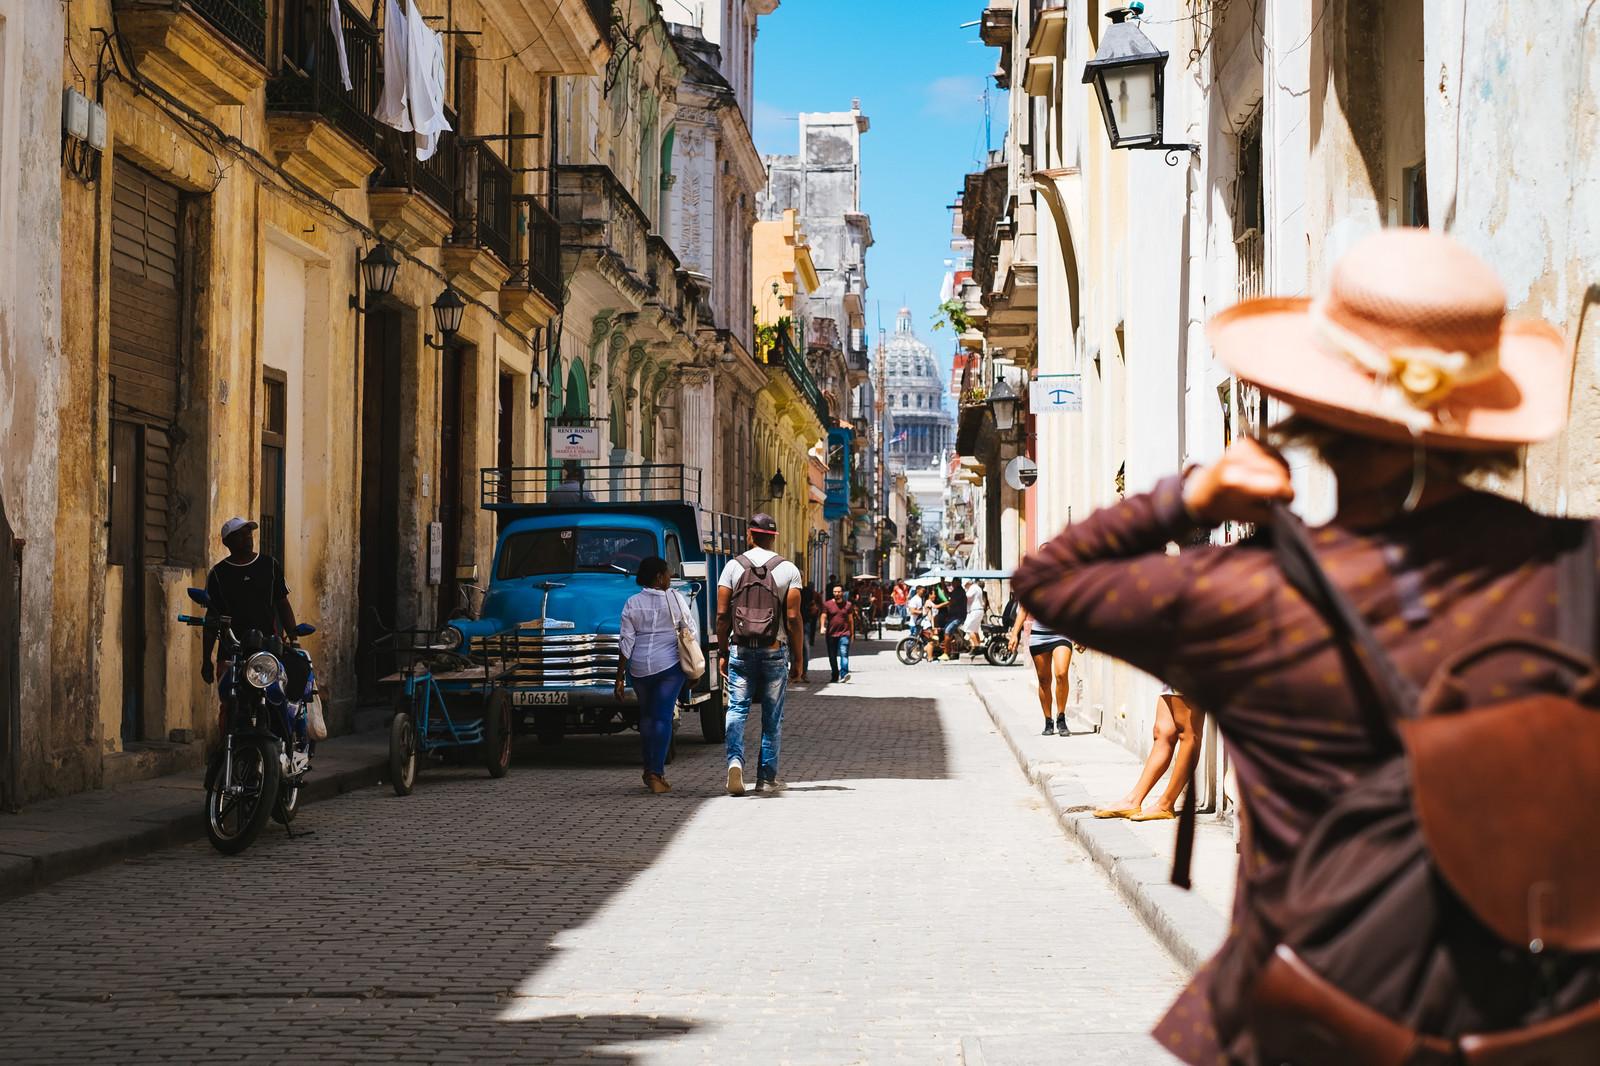 バカンスで街を詮索する旅人とキューバの街並み